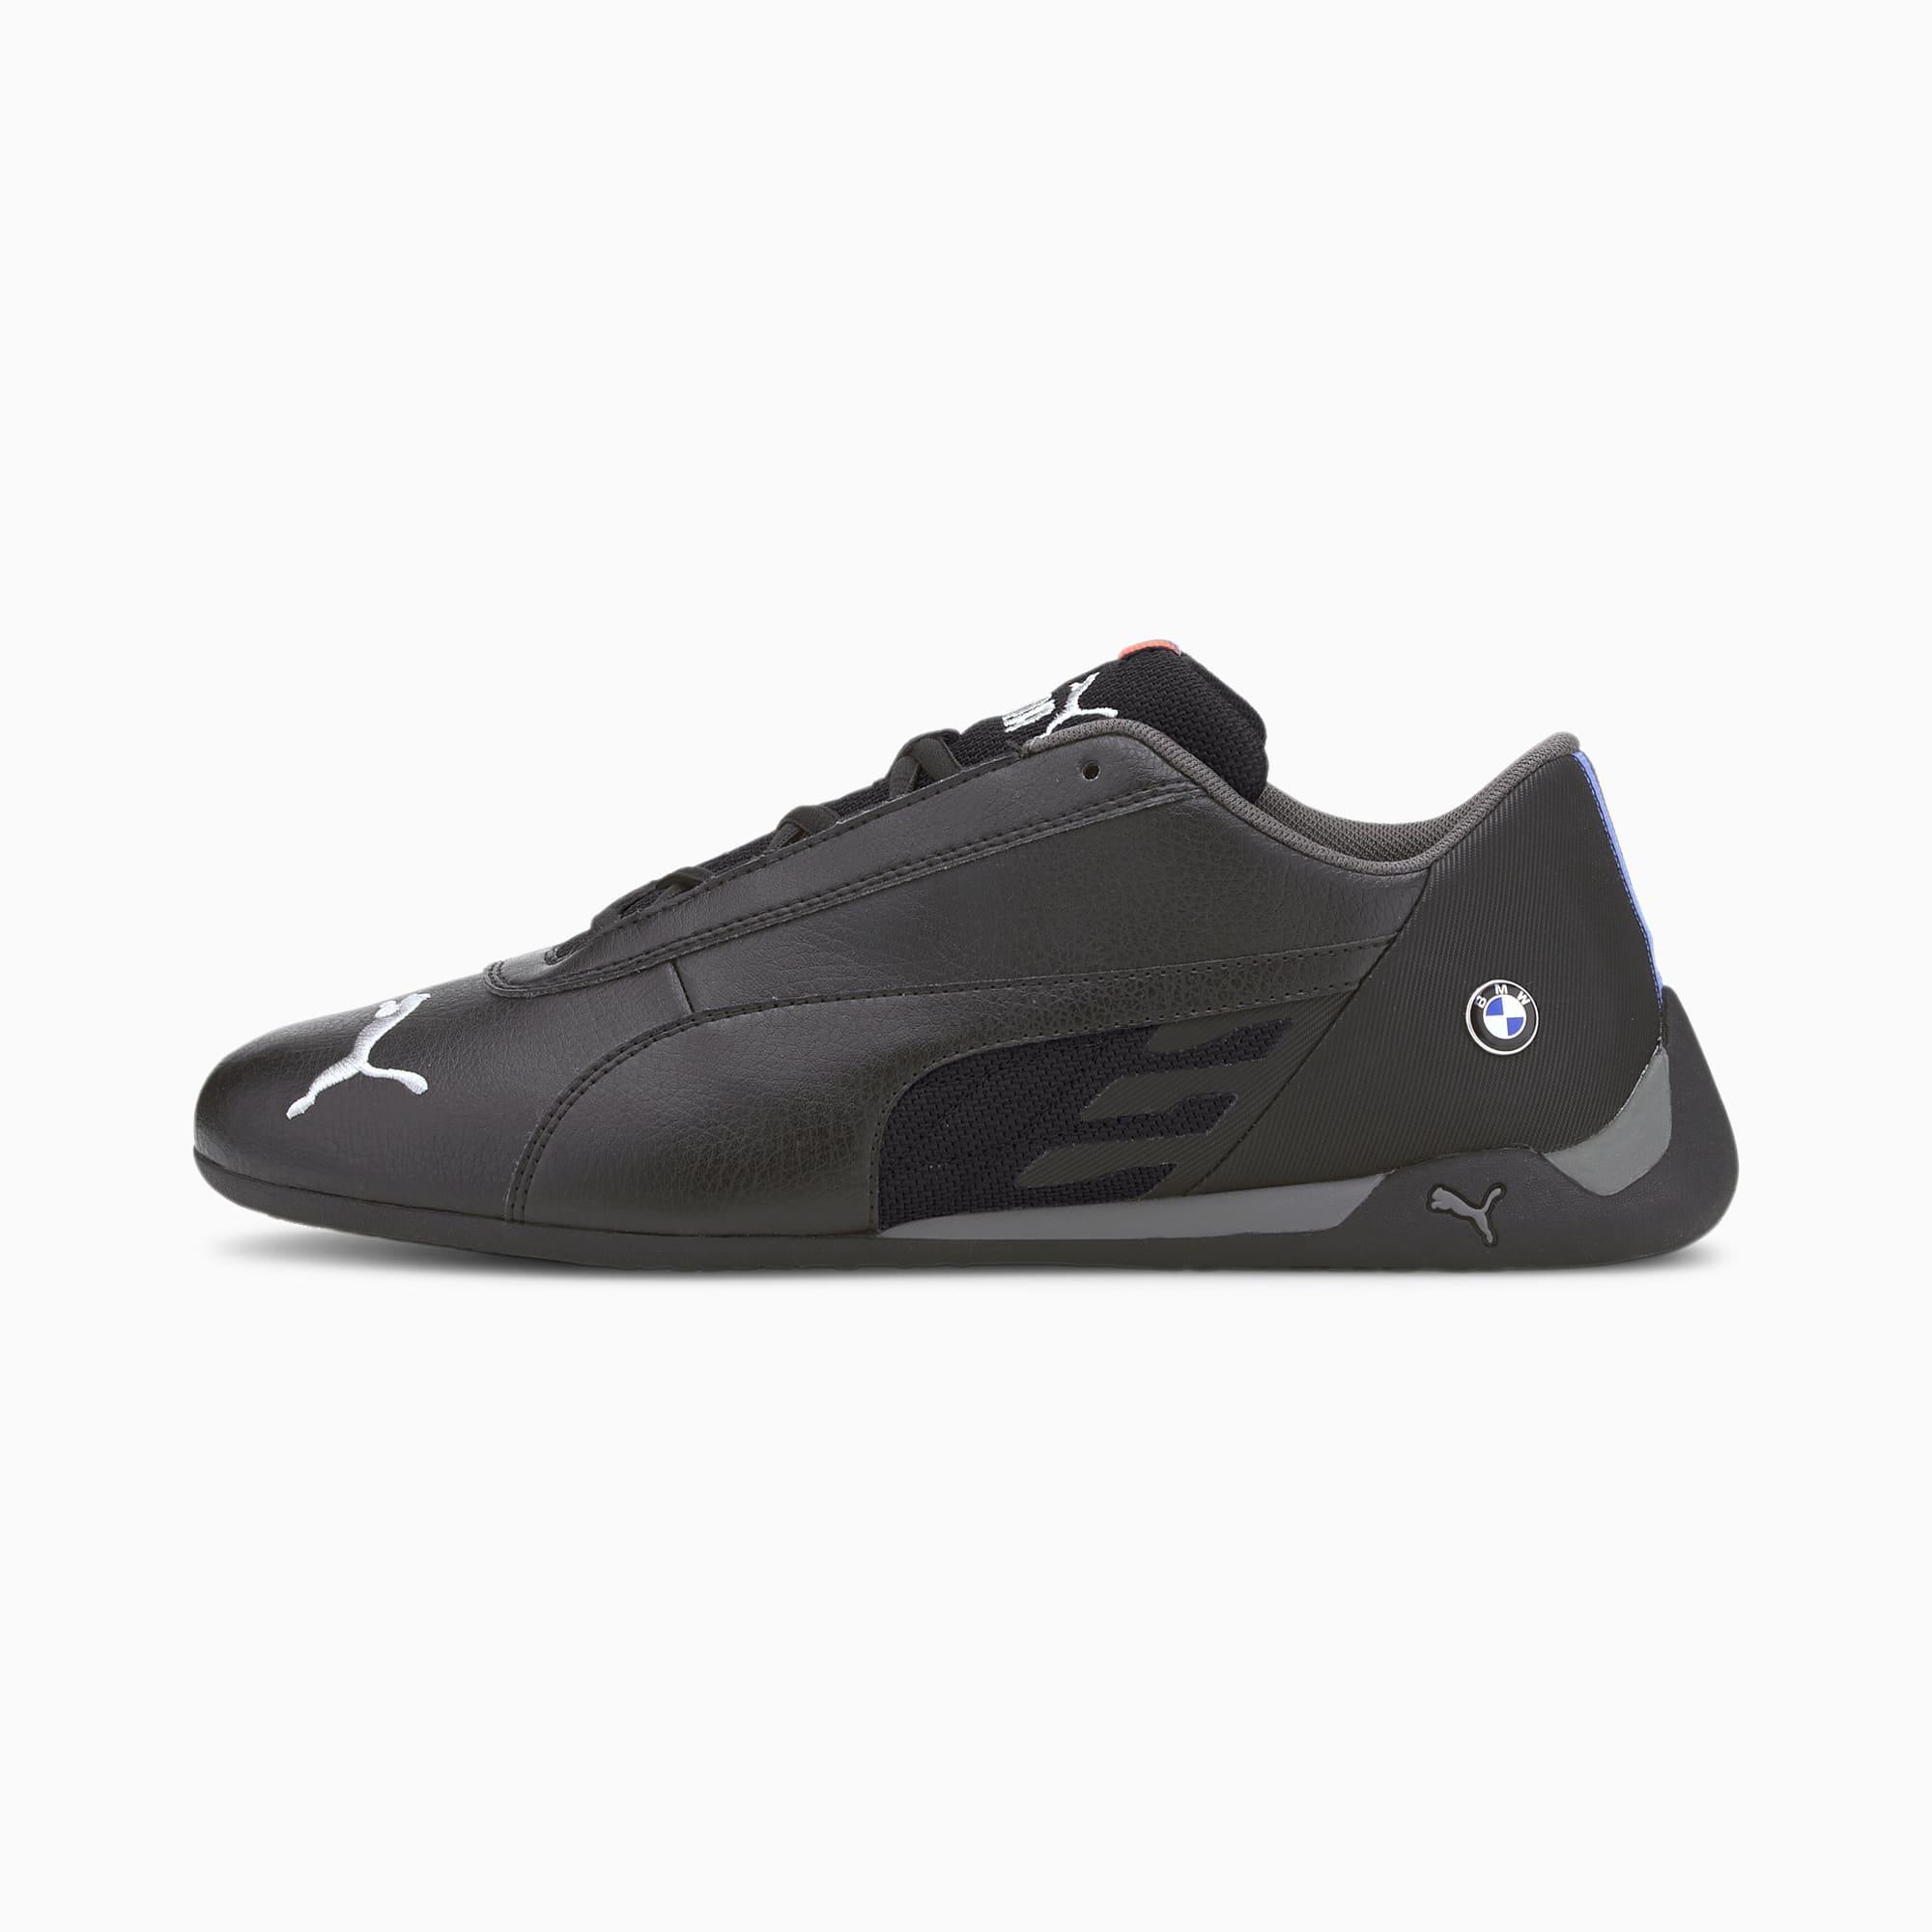 PUMA Chaussure de course BMW M Motorsport R-Cat, Noir, Taille 38.5, Vêtements